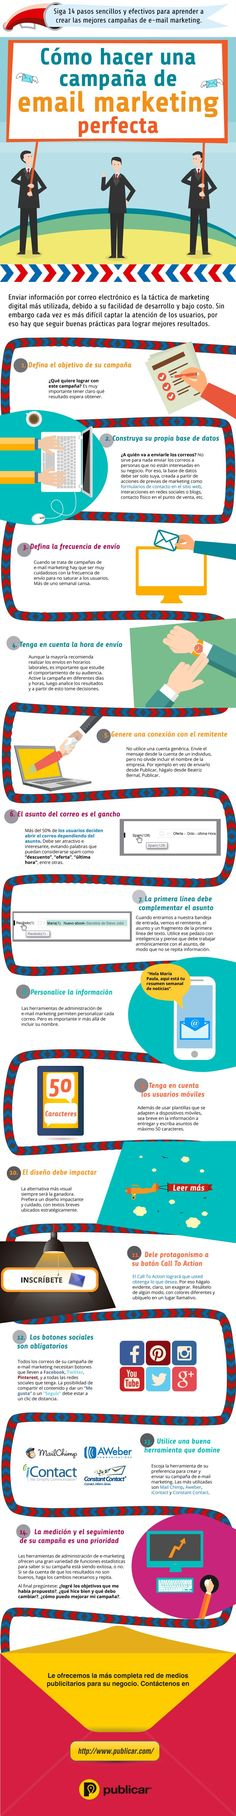 14 consejos para hacer campañas de email marketing perfectas. Infografía en español. #CommunityManager